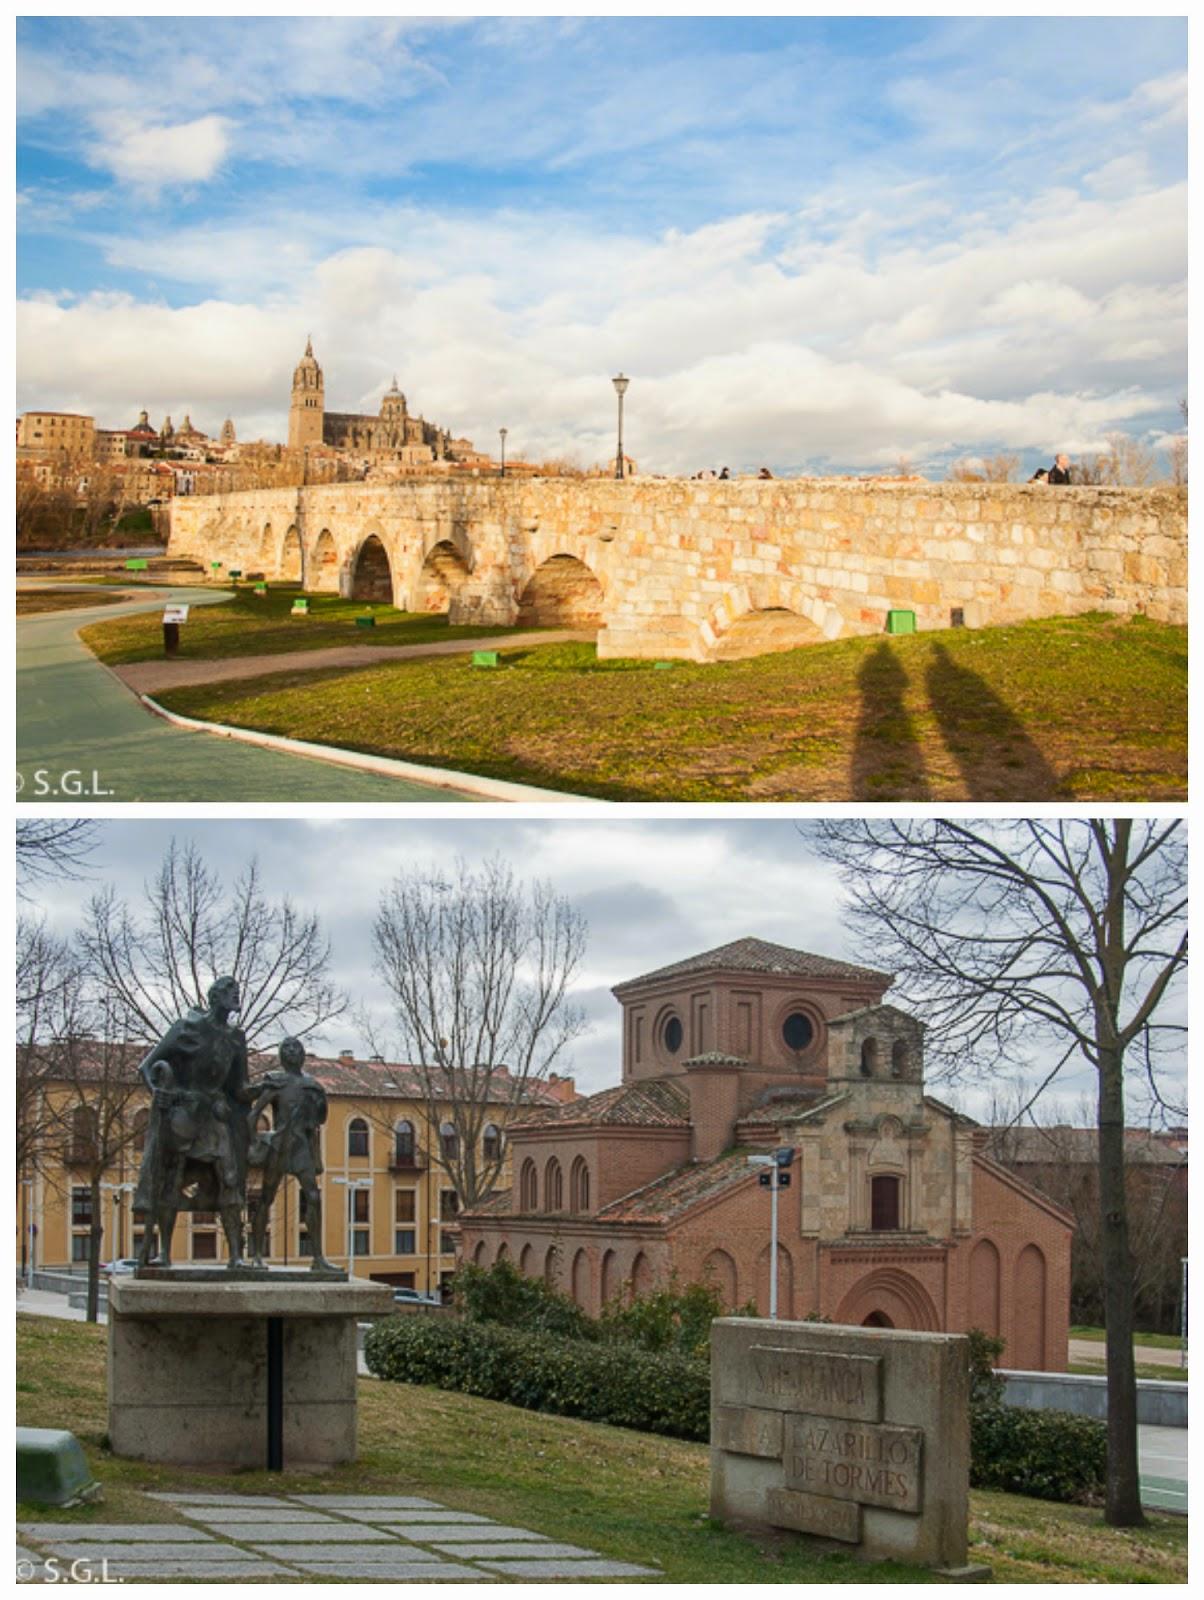 Puente romano de Salamanca y estatua del Lazarillo de Tormes